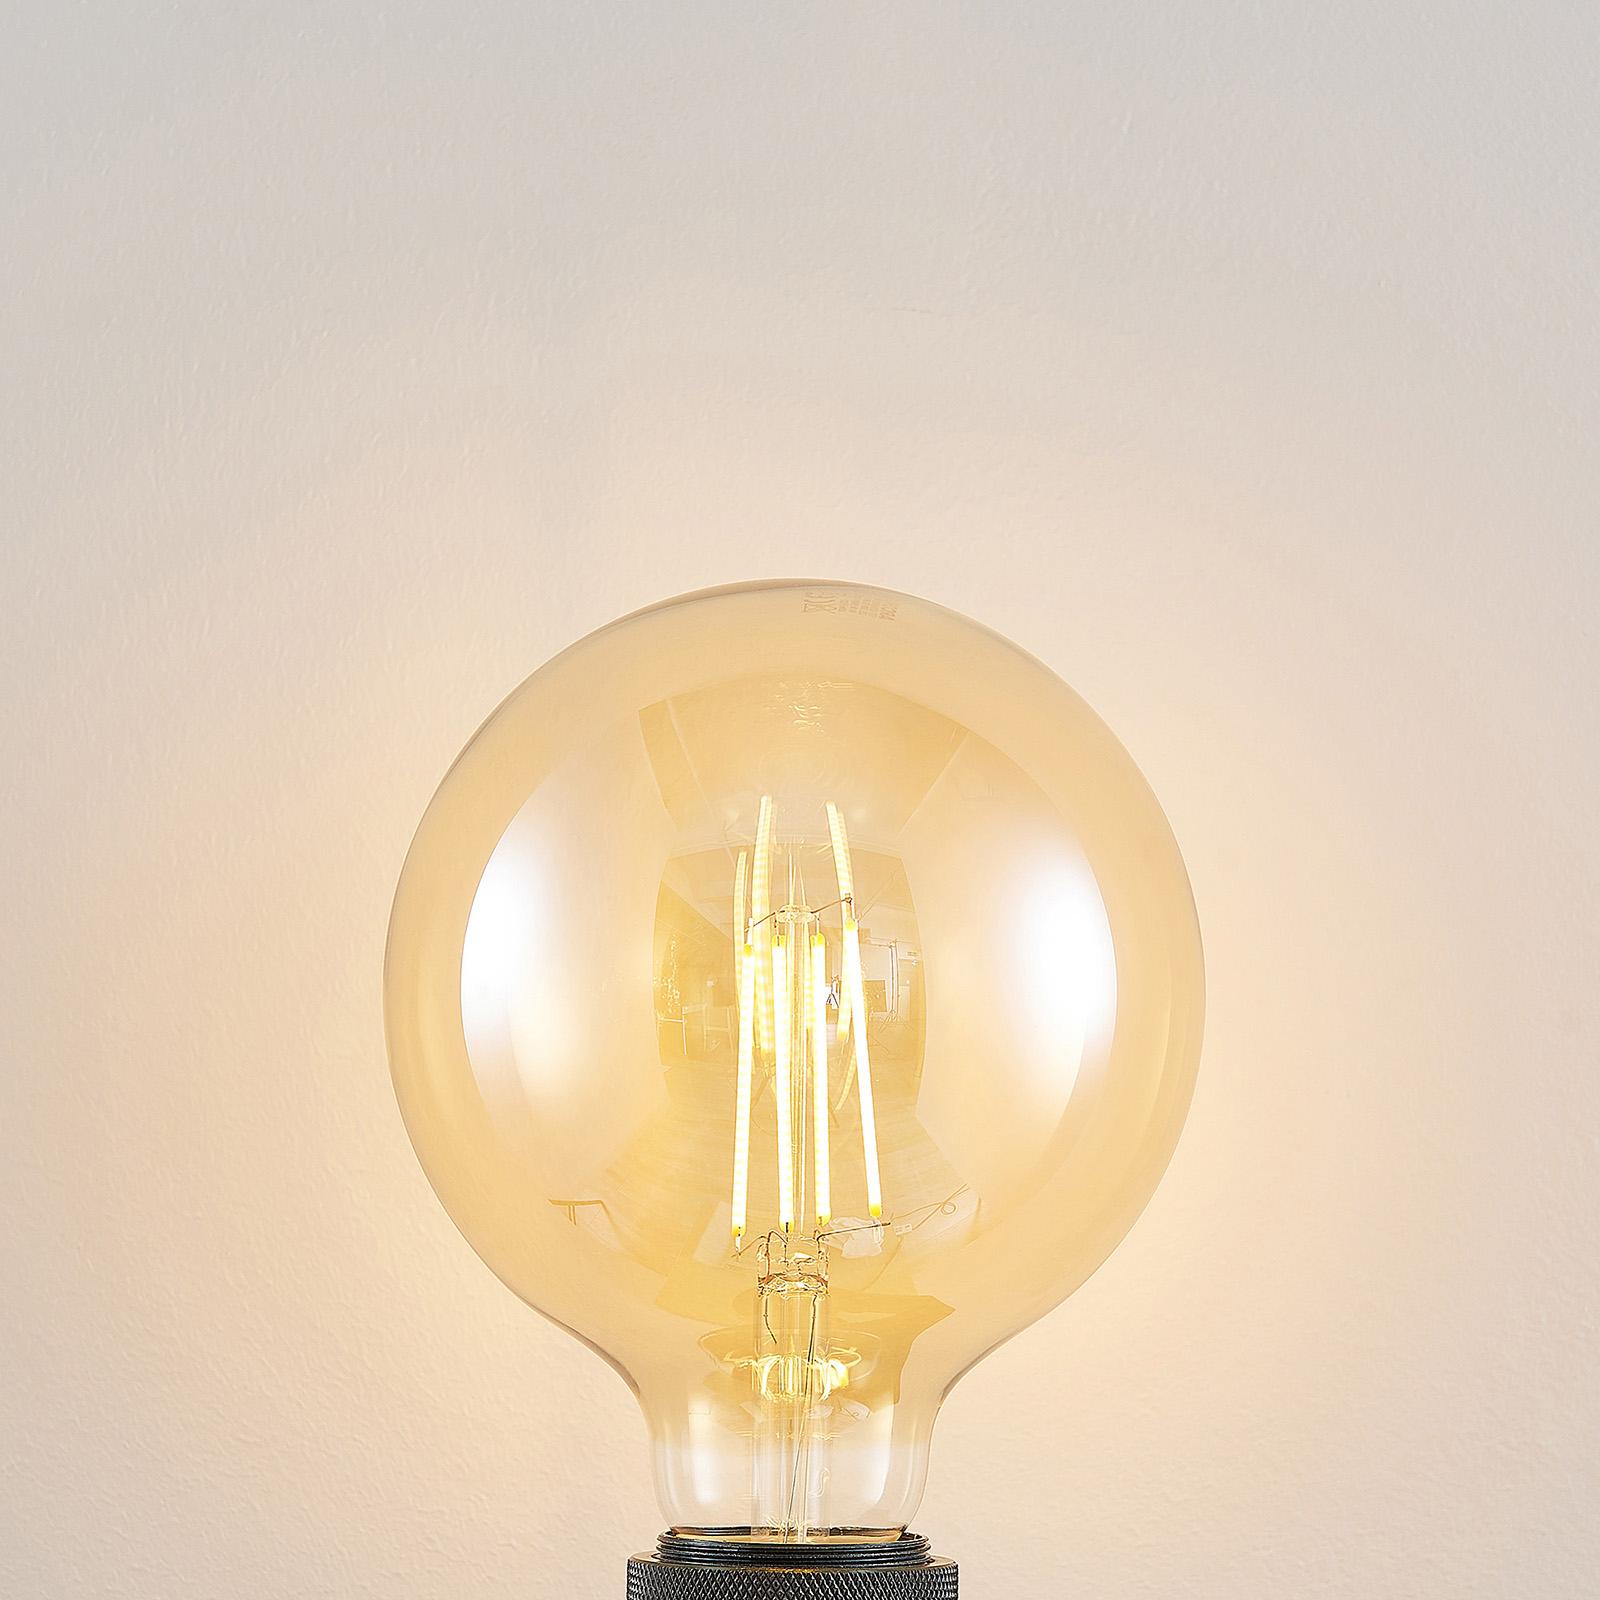 LED lamp E27 G125 6,5W 2.500K amber 3-step-dimmer